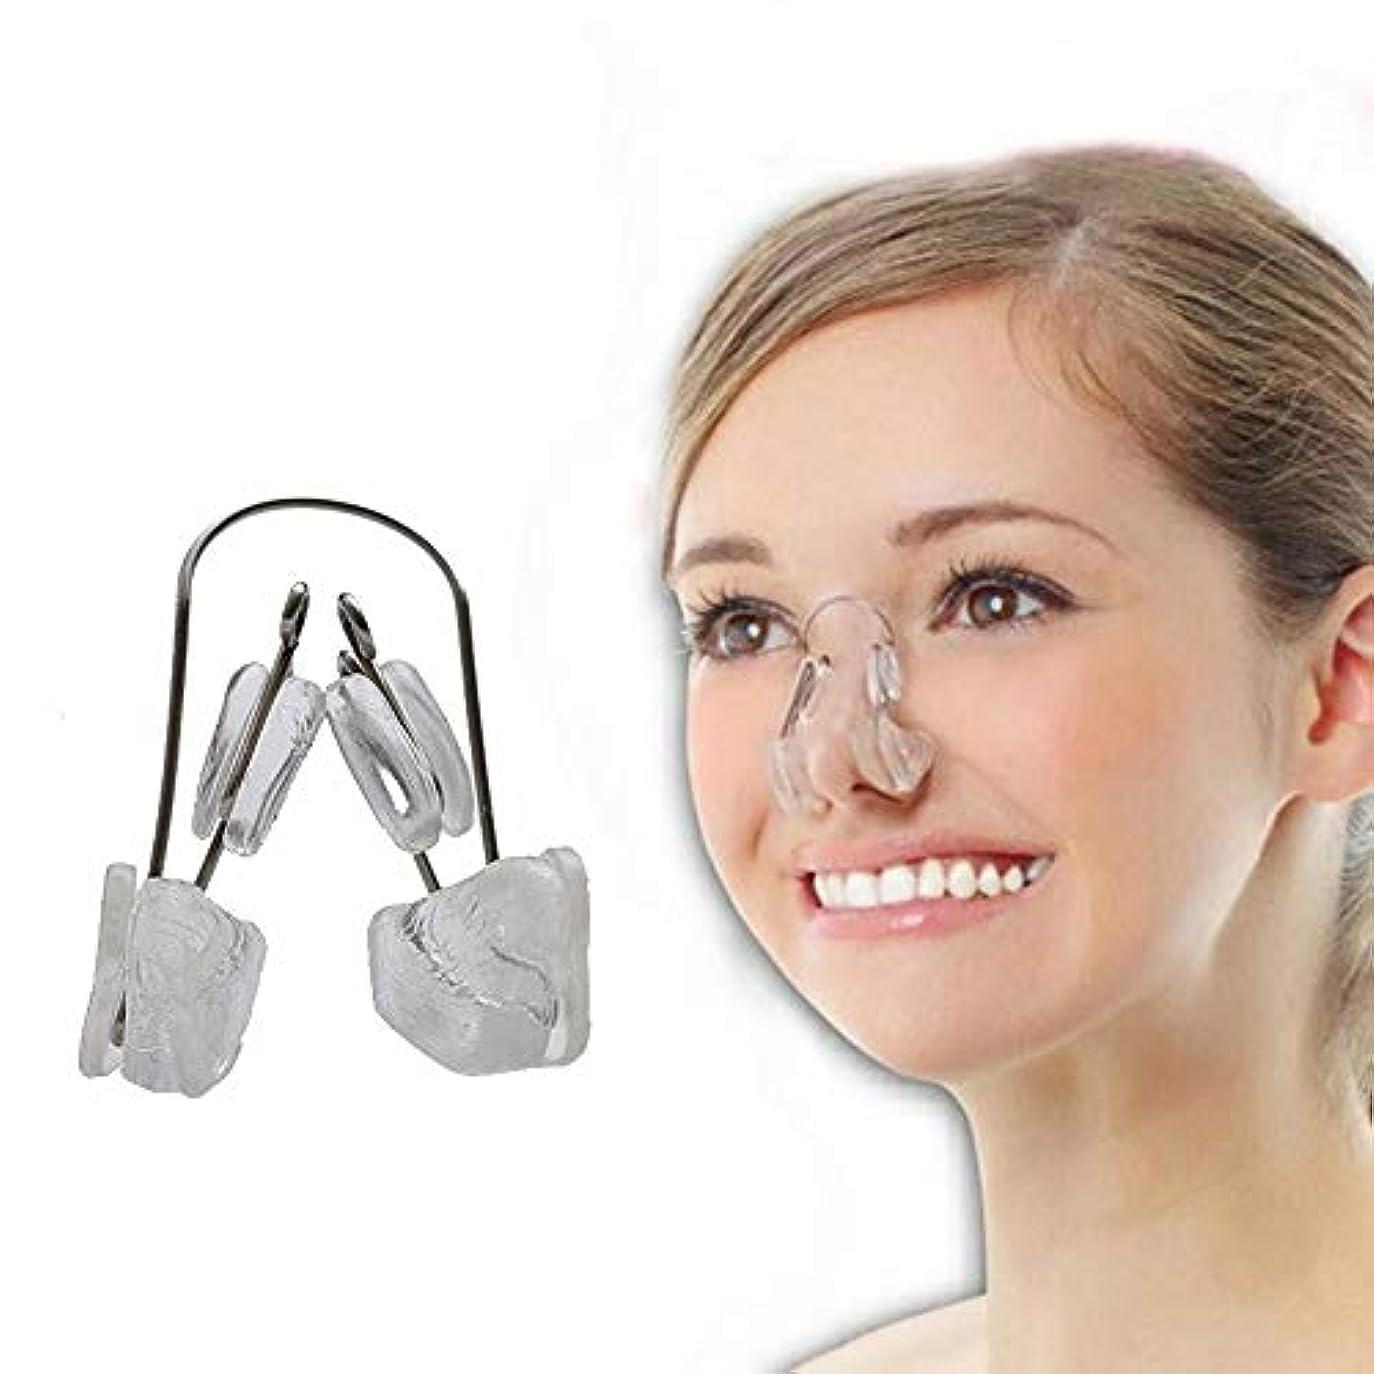 色合い妥協赤外線Lindexs ないノーズアップピン ノーズアップピン 美鼻クリップ 鼻高く 鼻筋 矯正 (クリア)